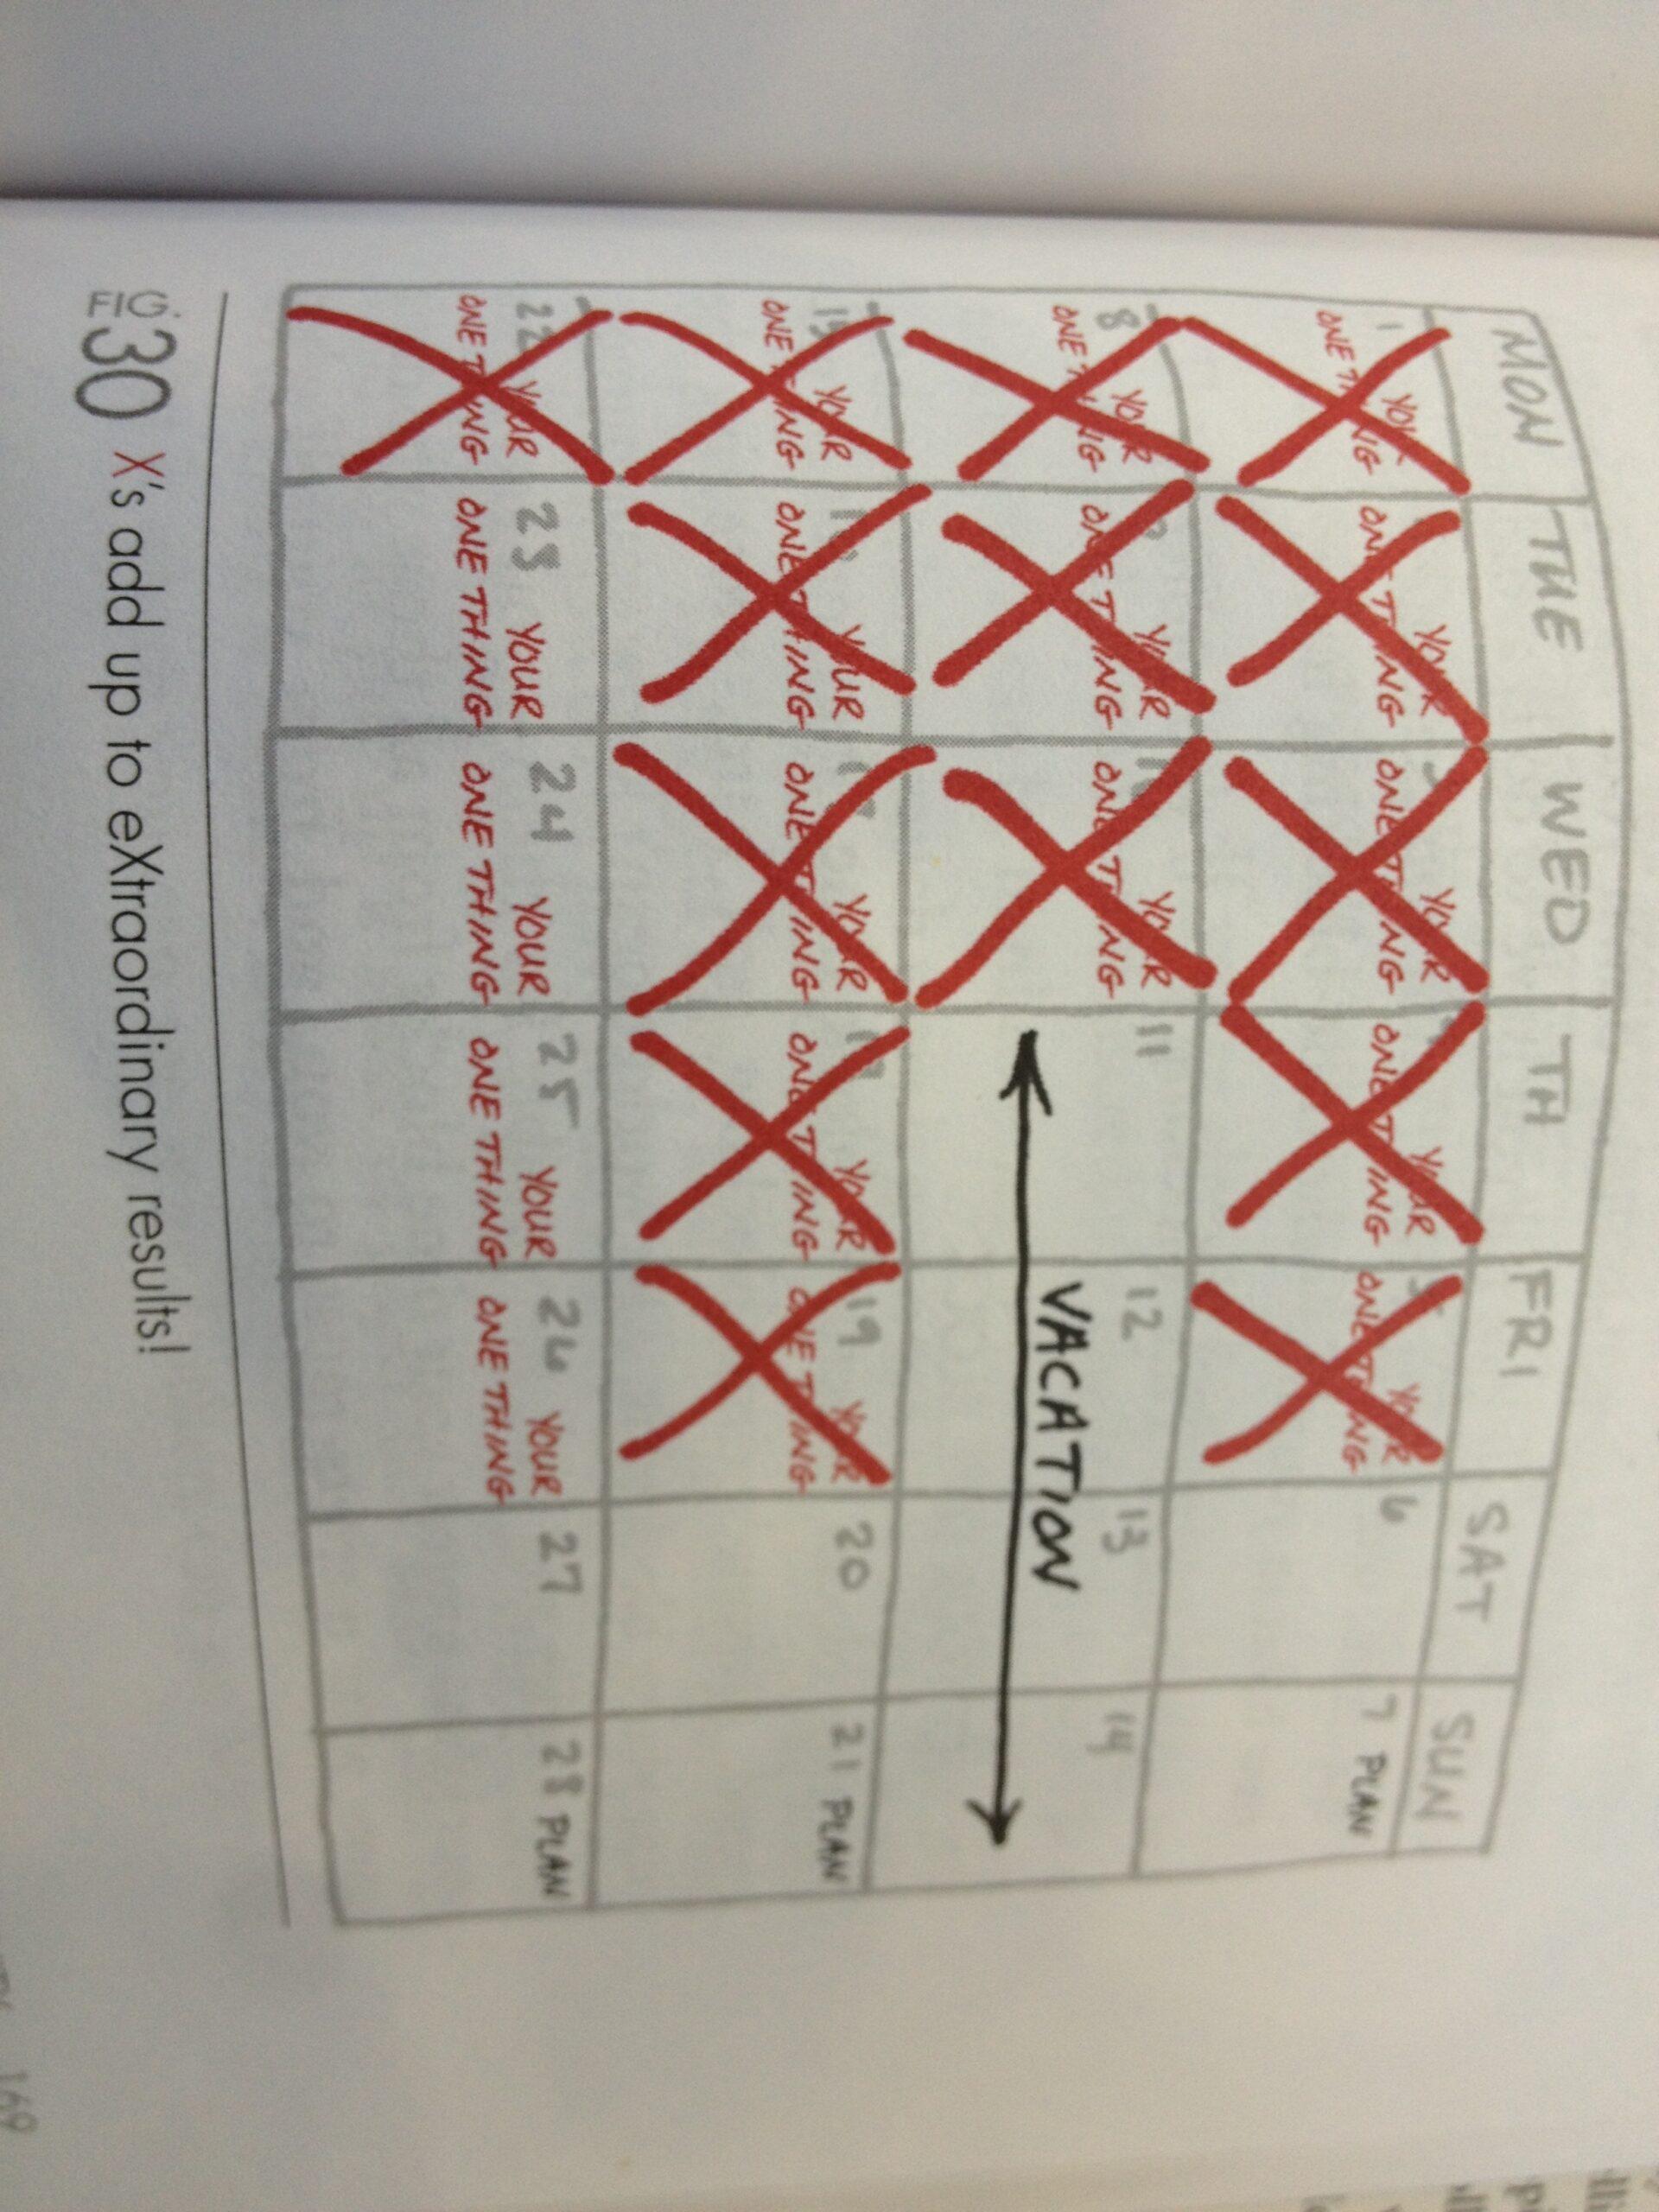 66_day_launch_calendar